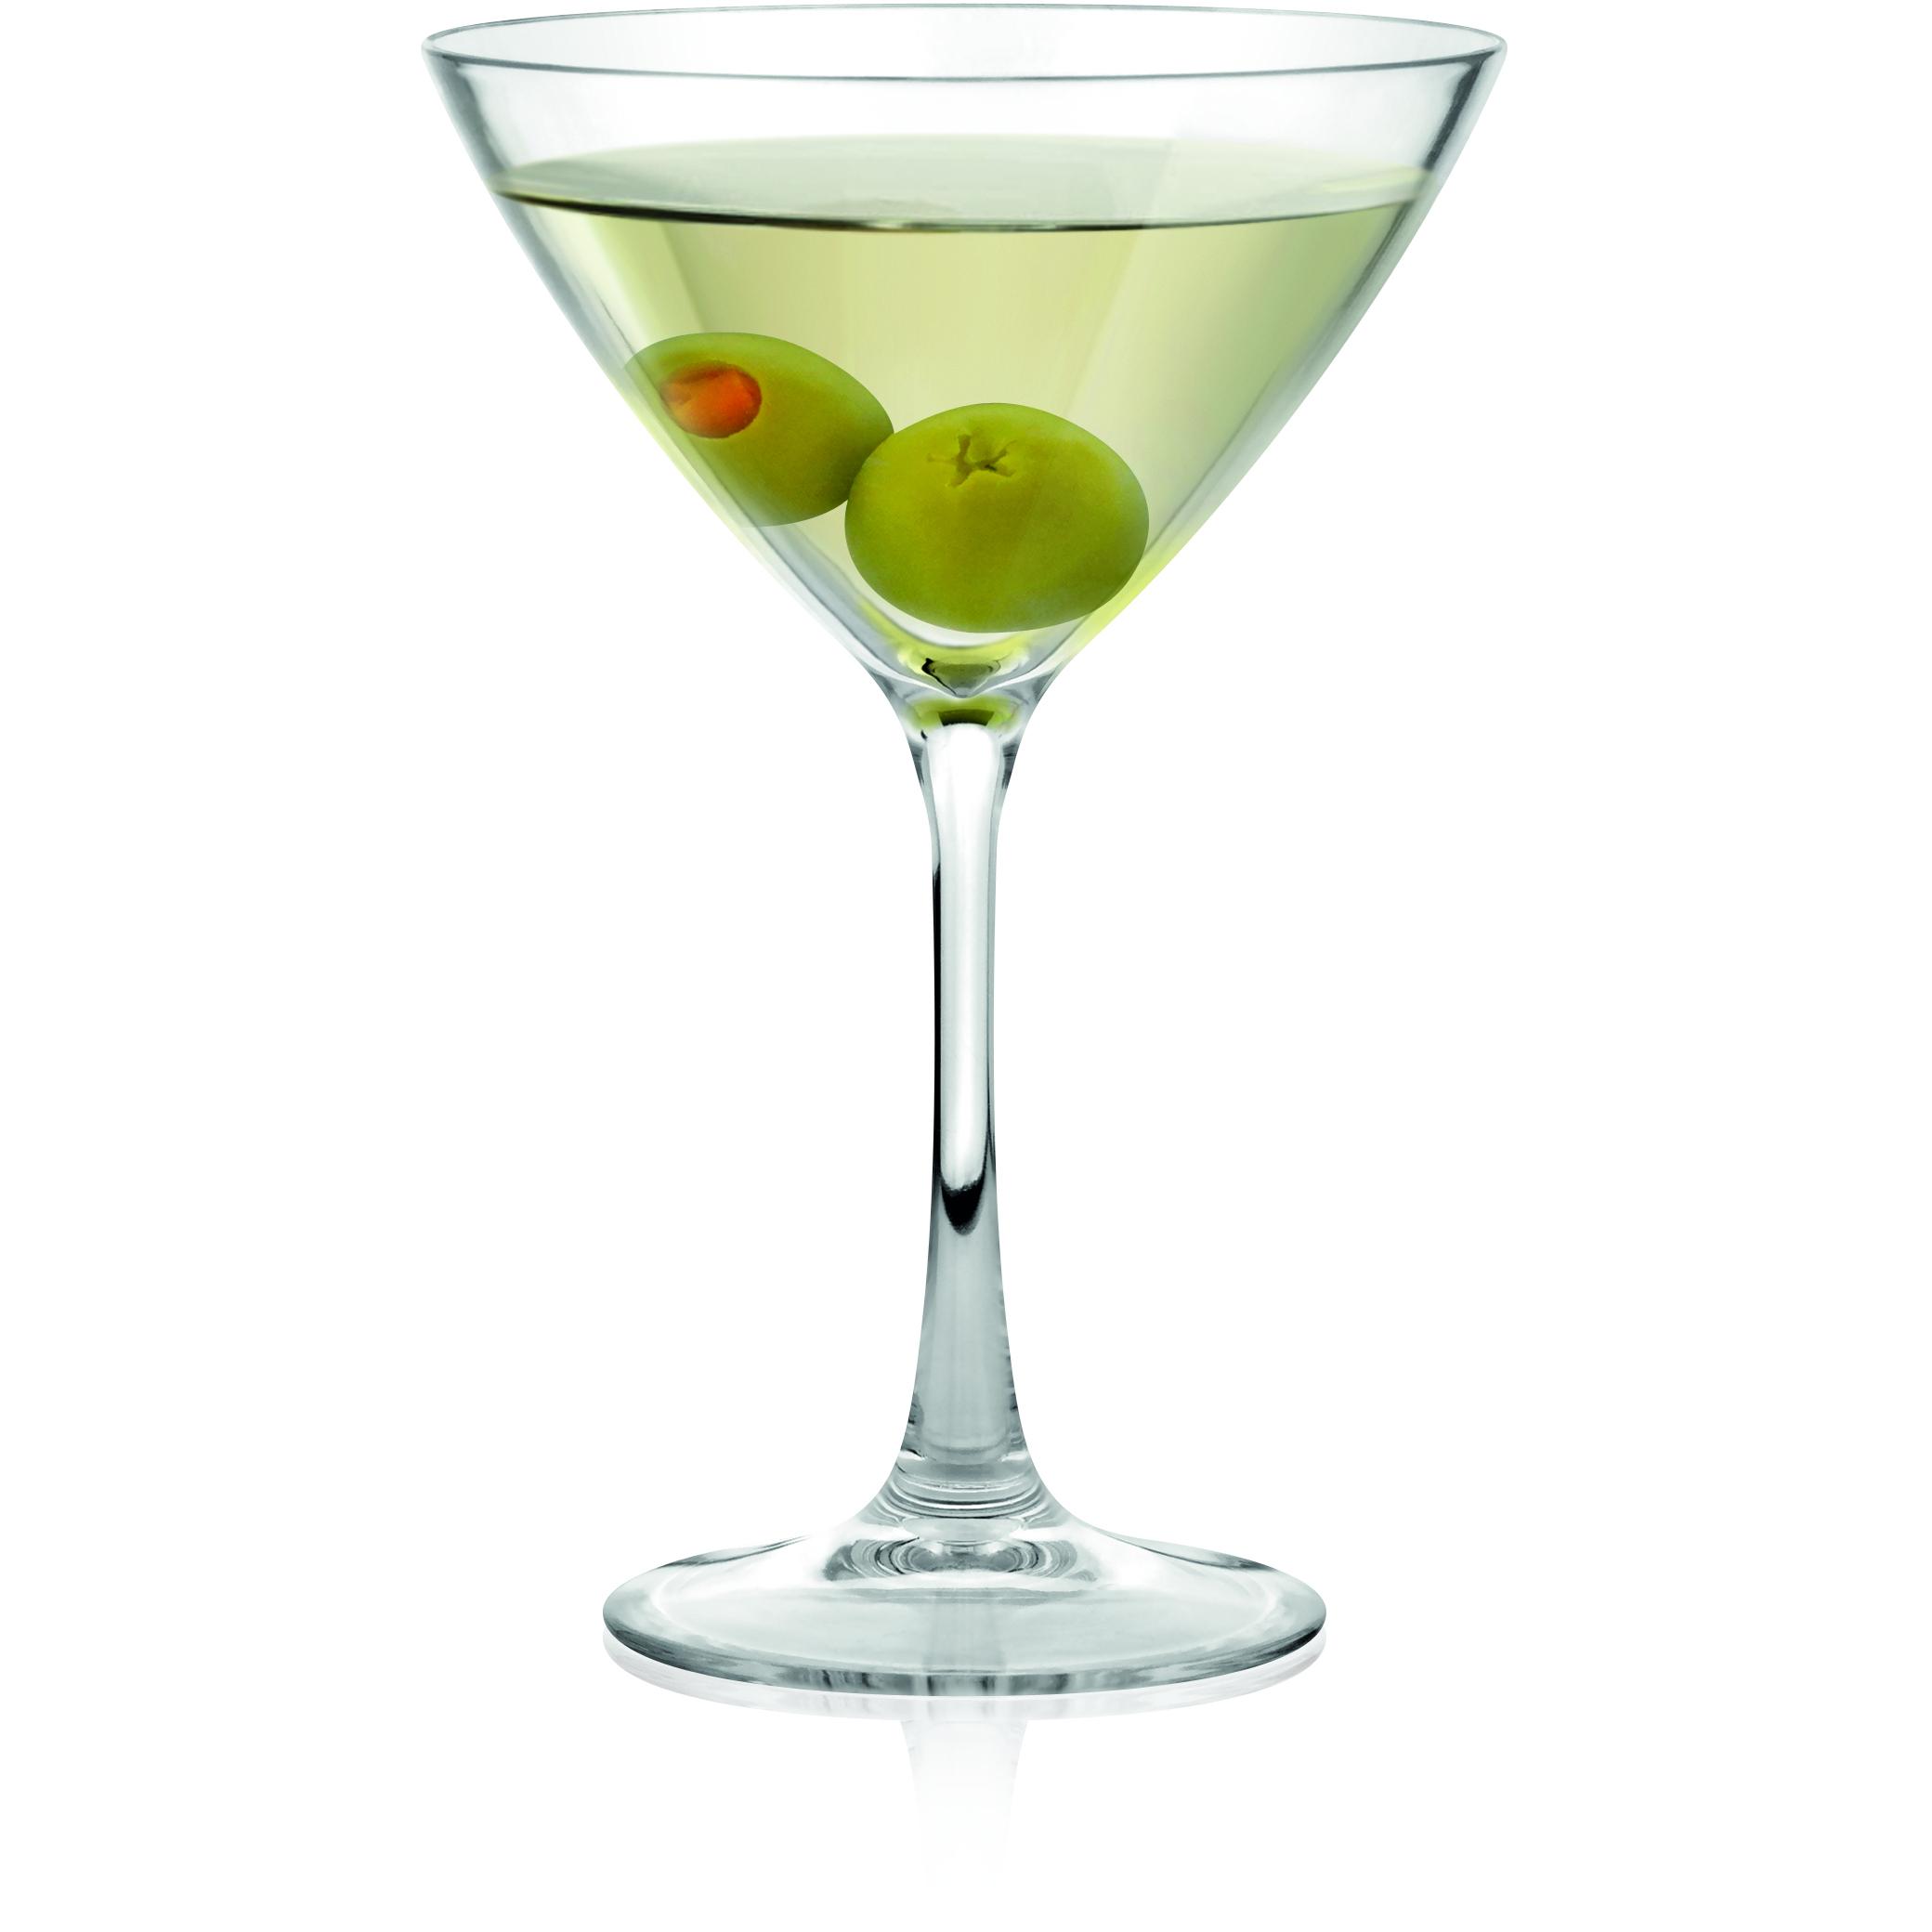 BarLuxe Specialty Collection Tritan Martini Glass, 6 Ounce